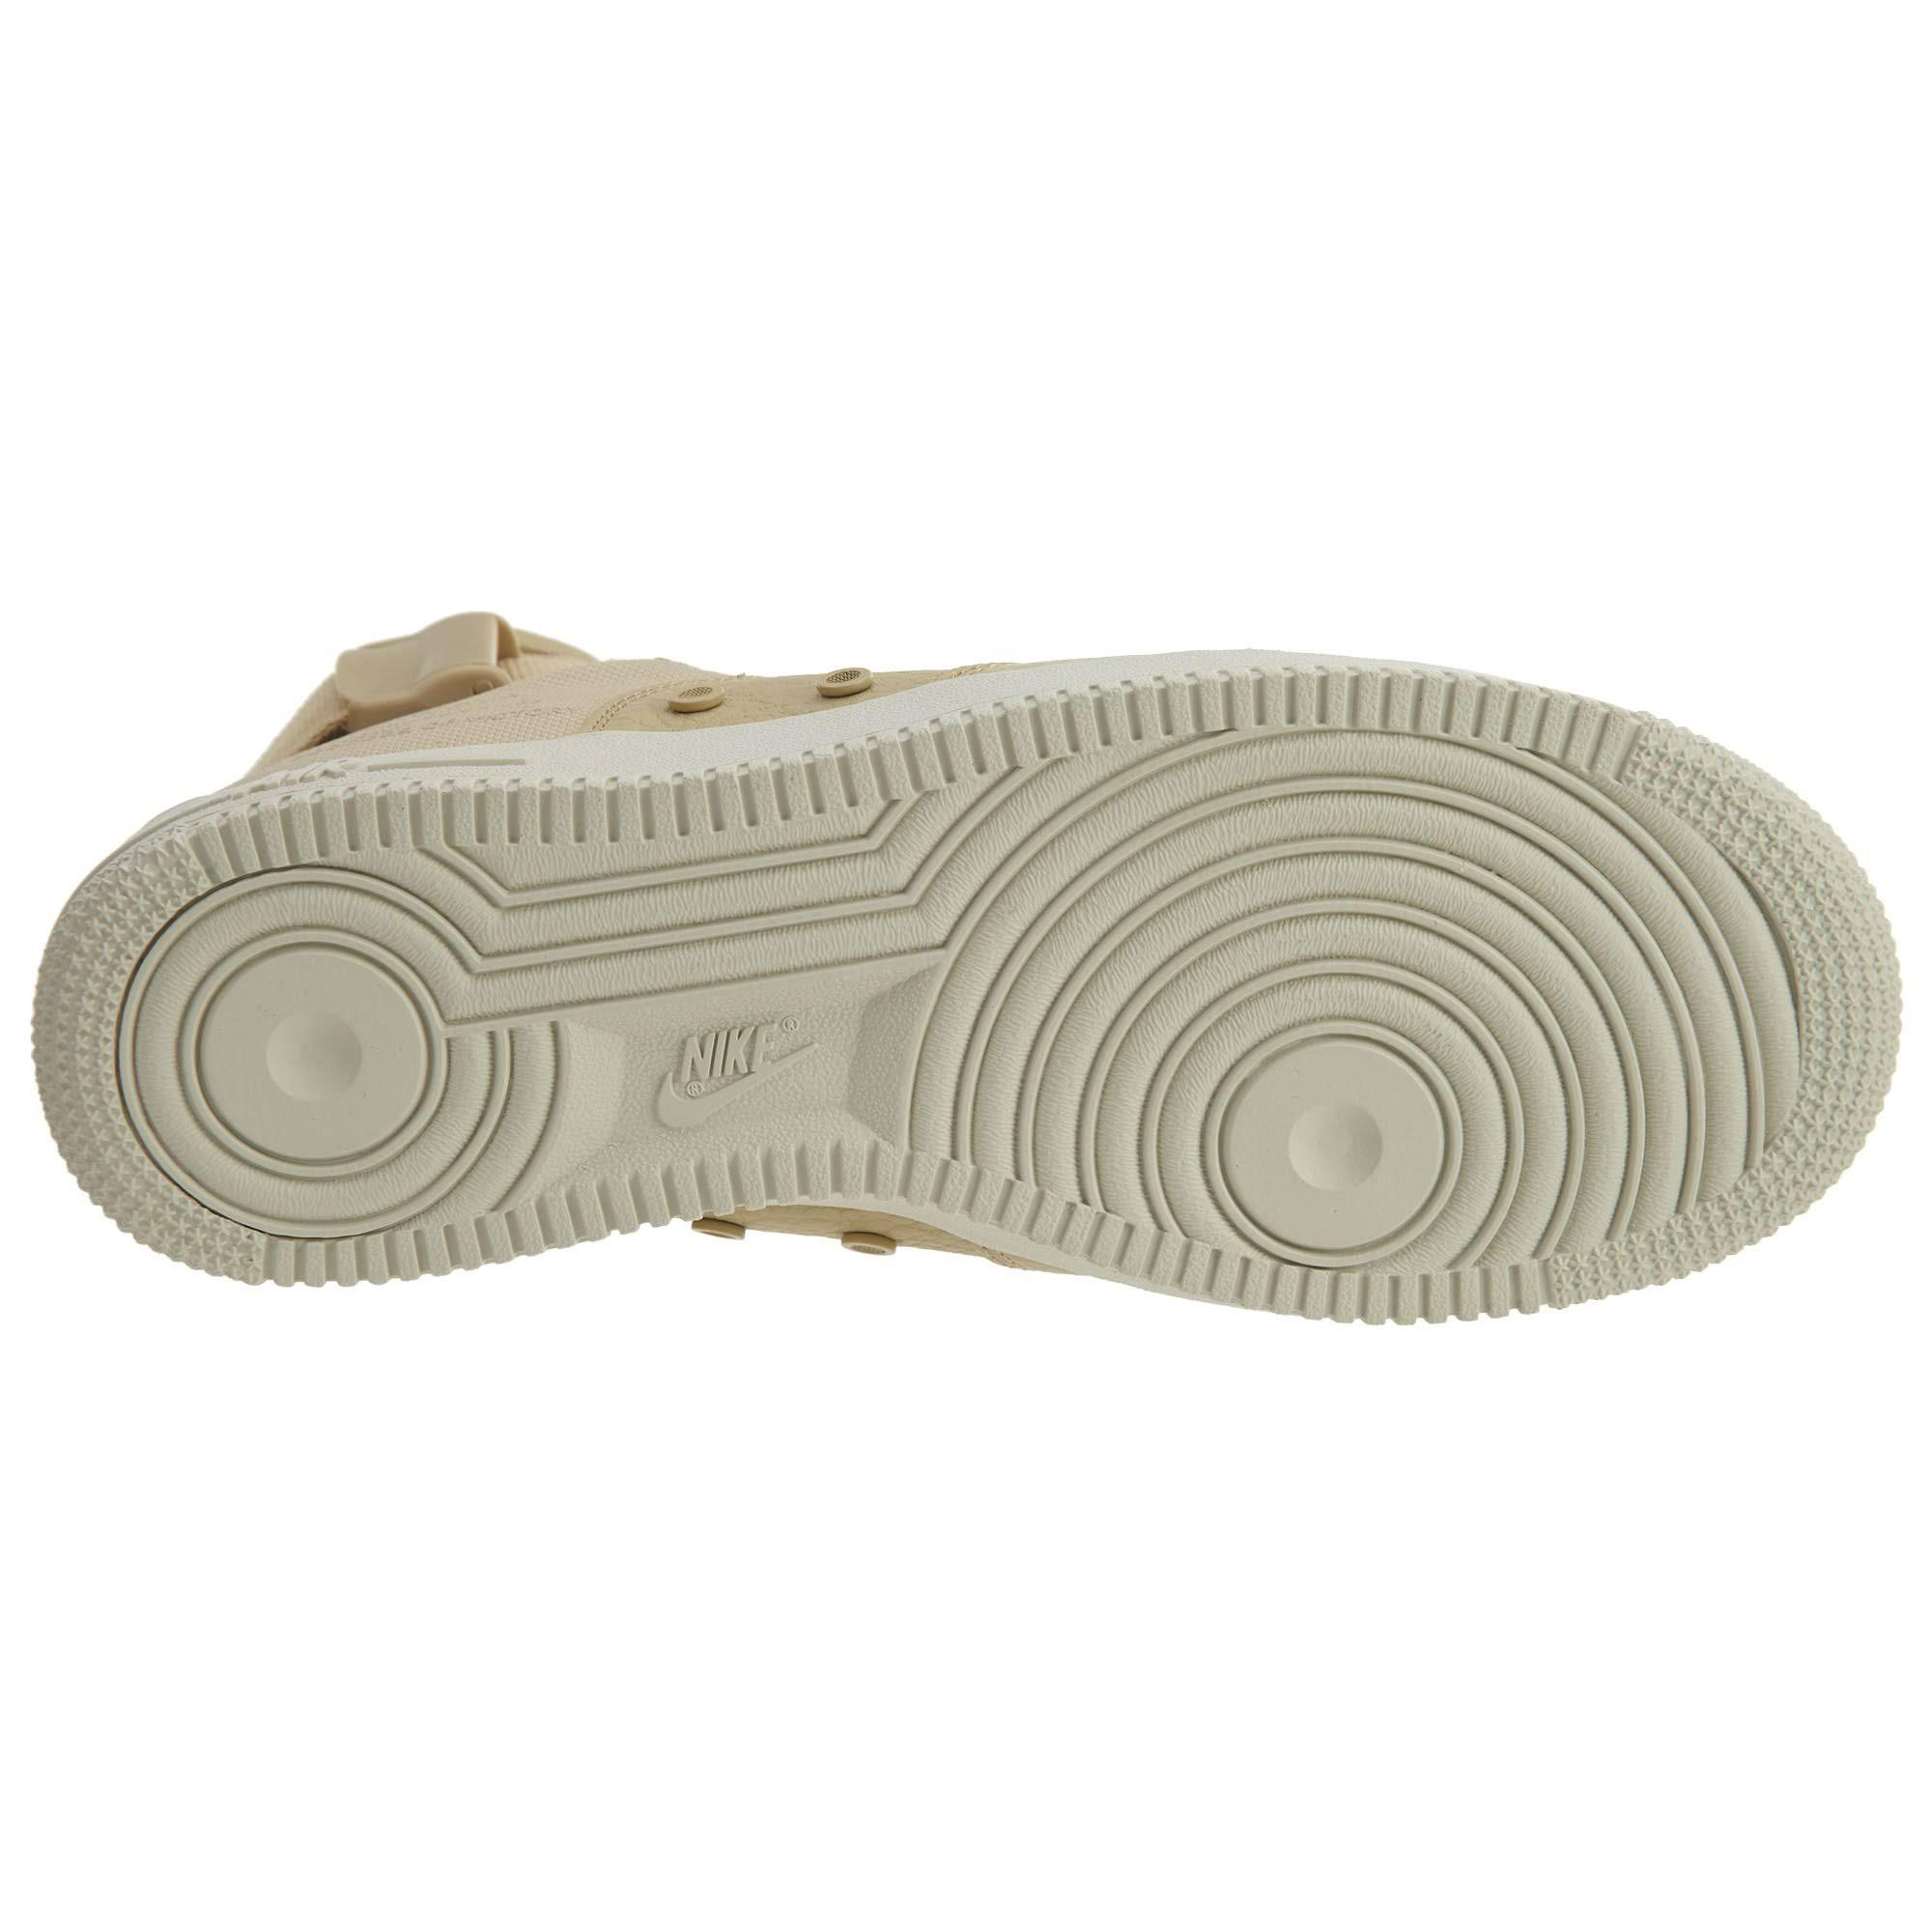 Męskie Światło Grzyby Nike Light Sf Mid Af1 Mushroom 200 Bone 917753 x8FA1q7nwg